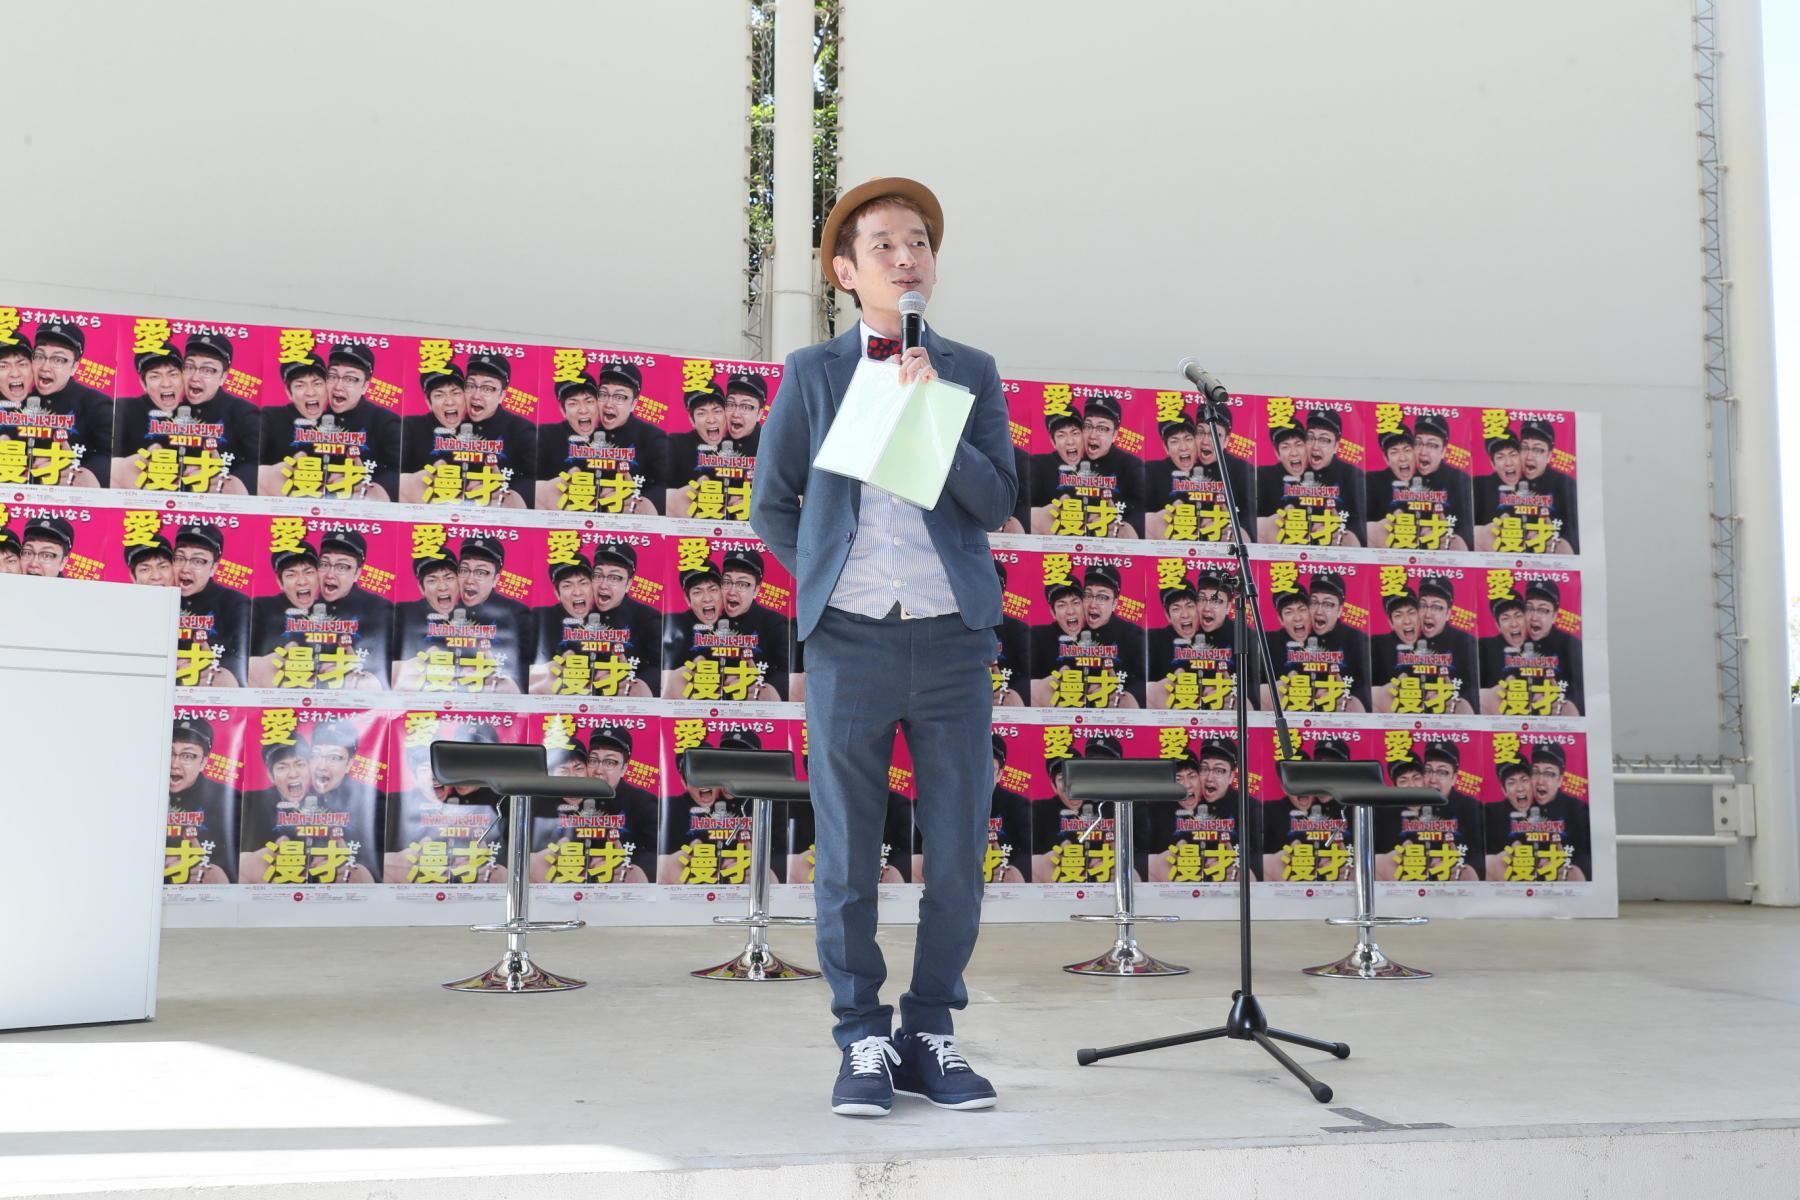 http://news.yoshimoto.co.jp/20170413154314-e31afdde4b46d30bb9223dd7bb52010f9fd9b330.jpg